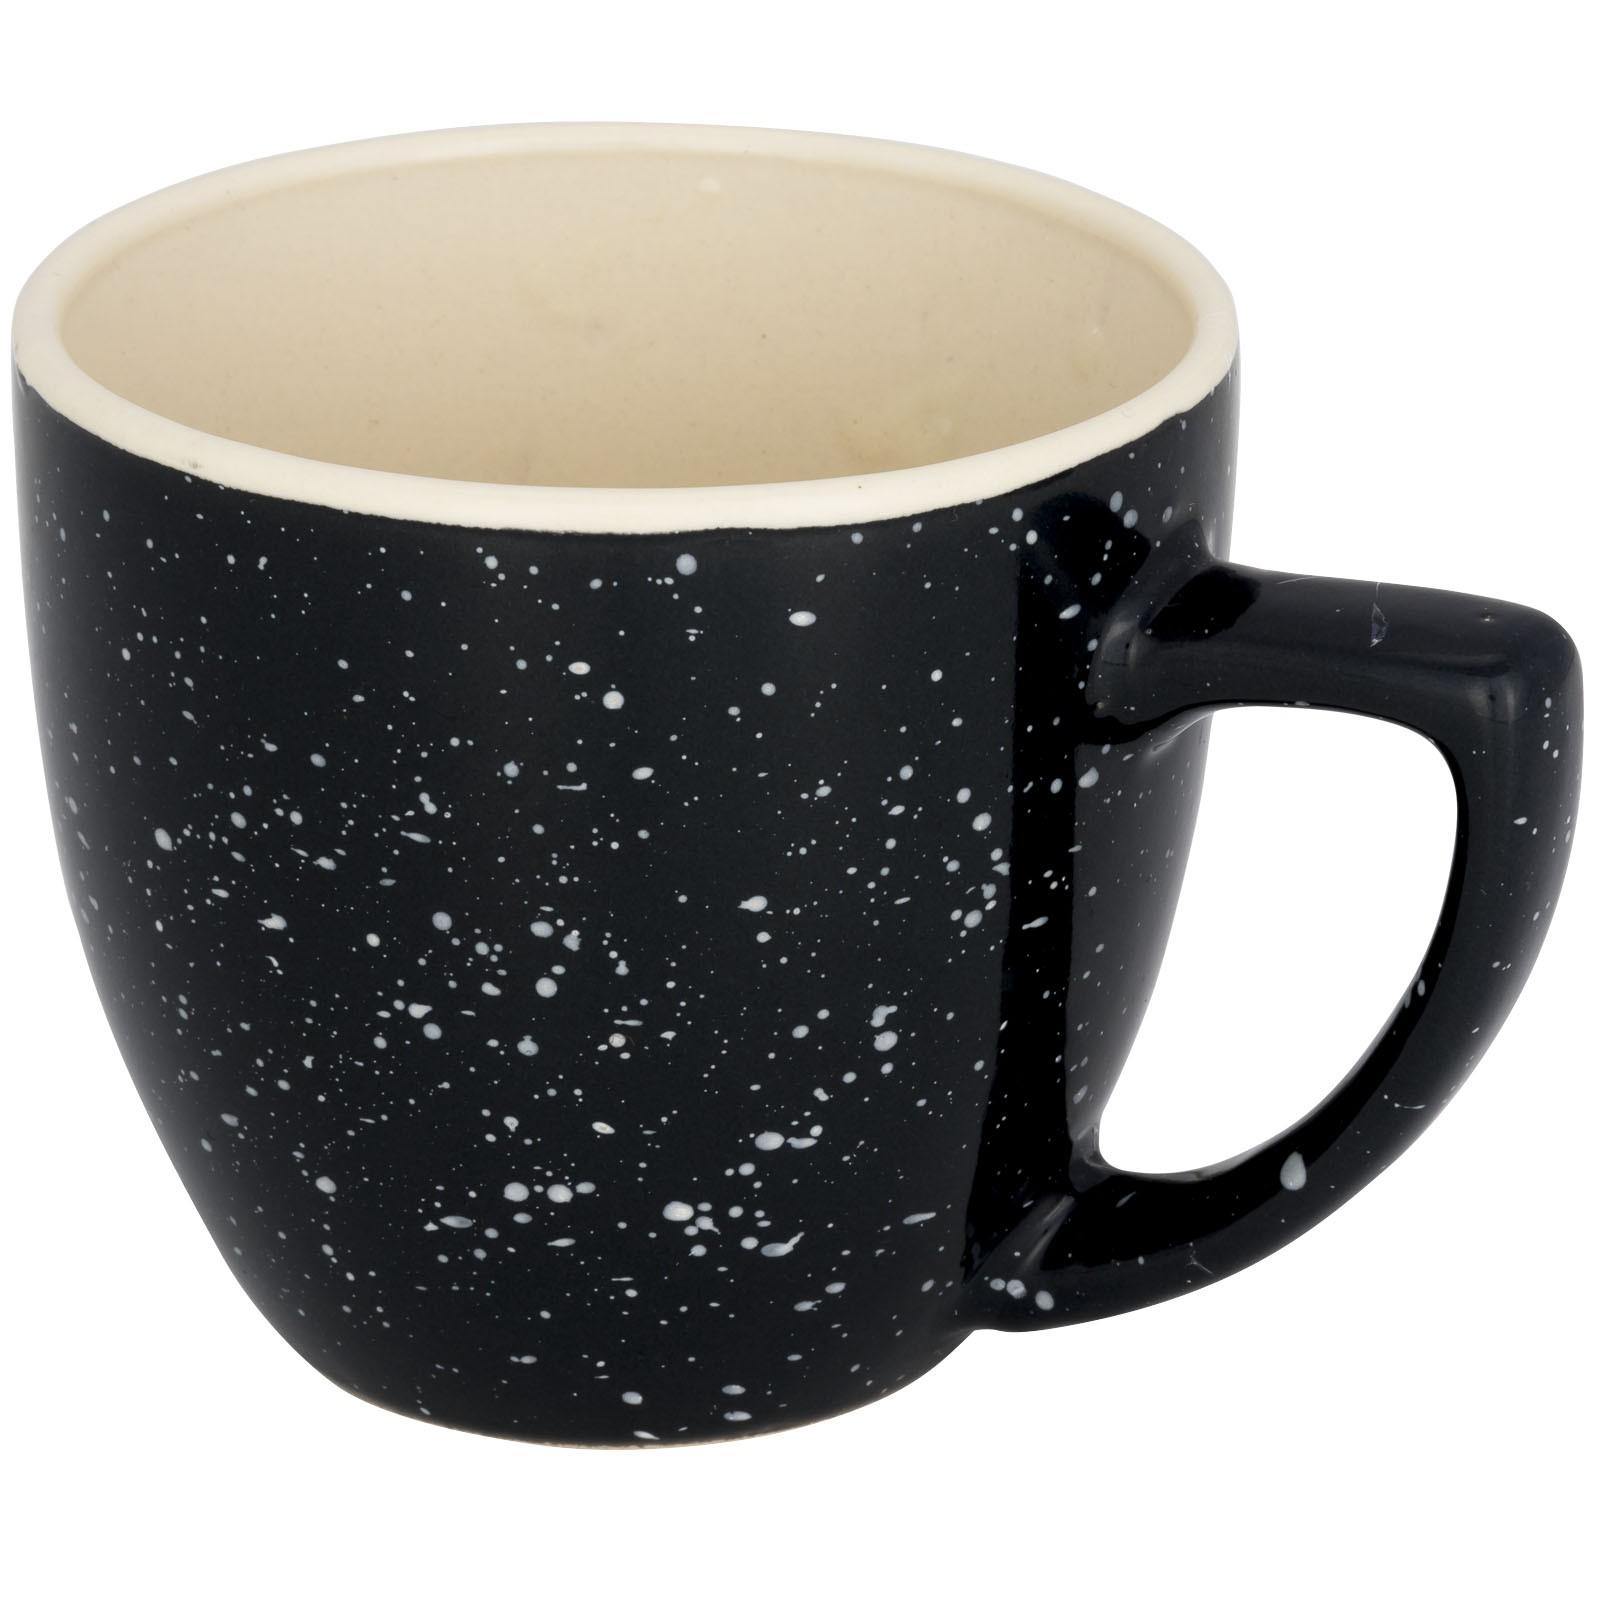 Sussix 325 ml speckled ceramic mug - Grey